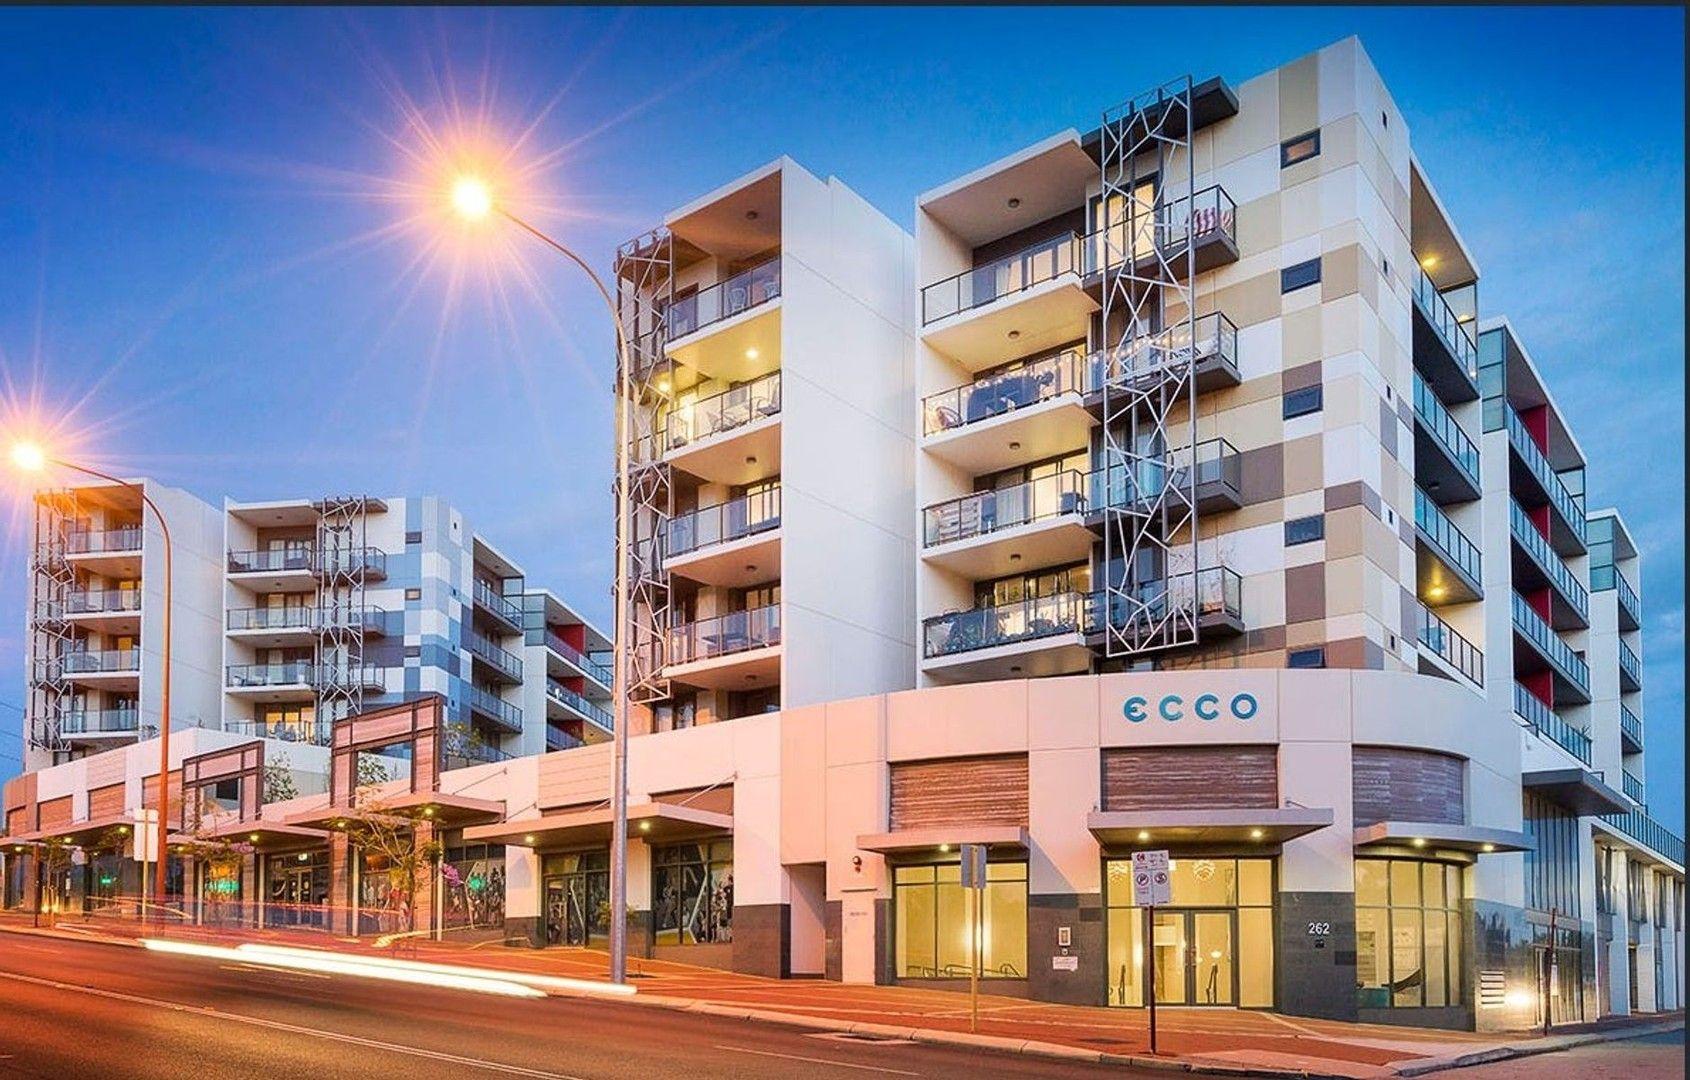 1 bedrooms Apartment / Unit / Flat in 33/262 Lord Street PERTH WA, 6000